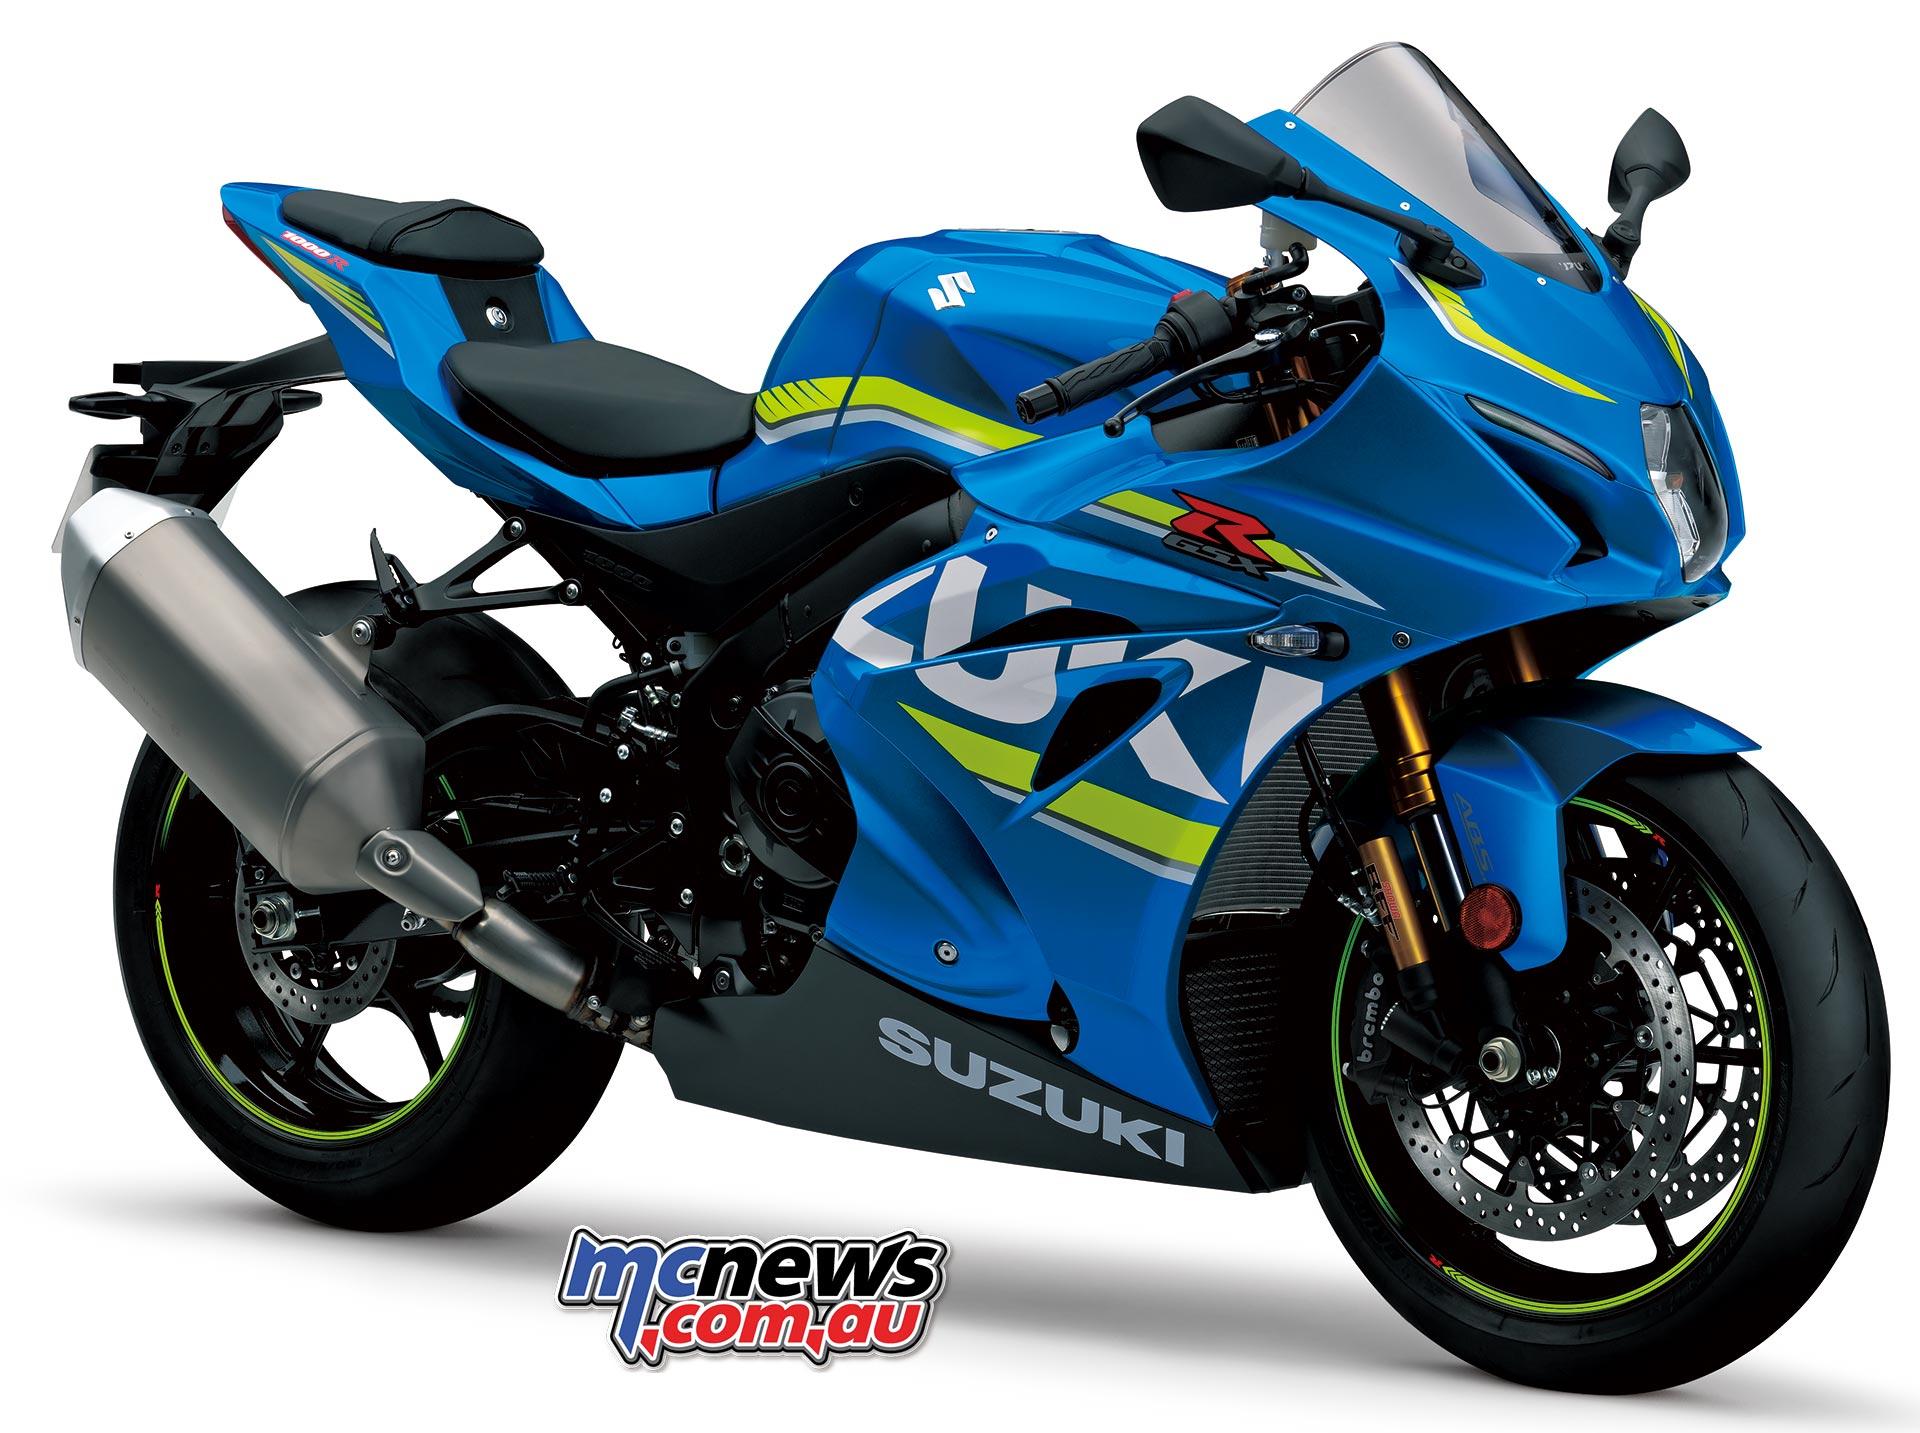 suzuki gsx 2018 with New 2017 Suzuki Gsx R1000r Gsx R1000 on Roadster 2017 Toutes Les Nouveautes Sont La likewise Updated 2018 2019 Kawasaki Z1000sx Tourer further Suzuki gsx 1400 2002 besides 16335 likewise Top.